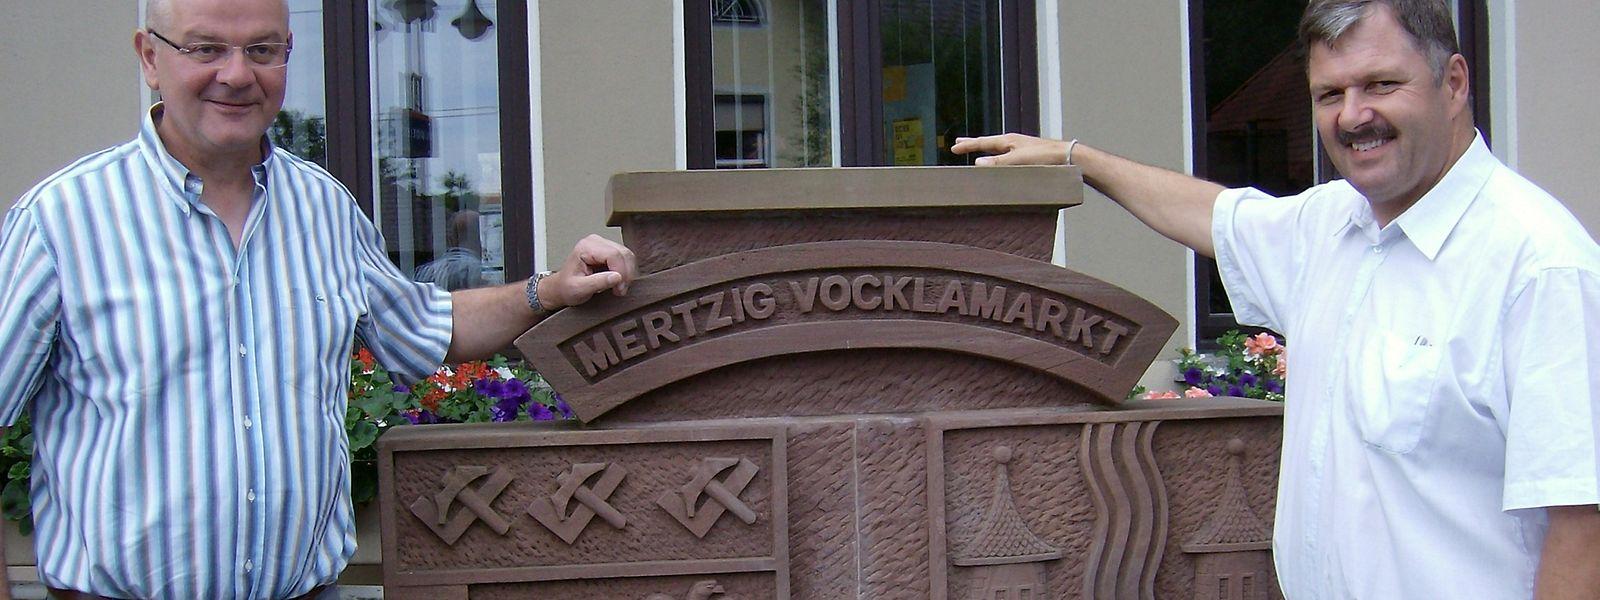 Die Gemeinden Mertzig und Vöcklamarkt sind seit 1998 offiziell Partner.